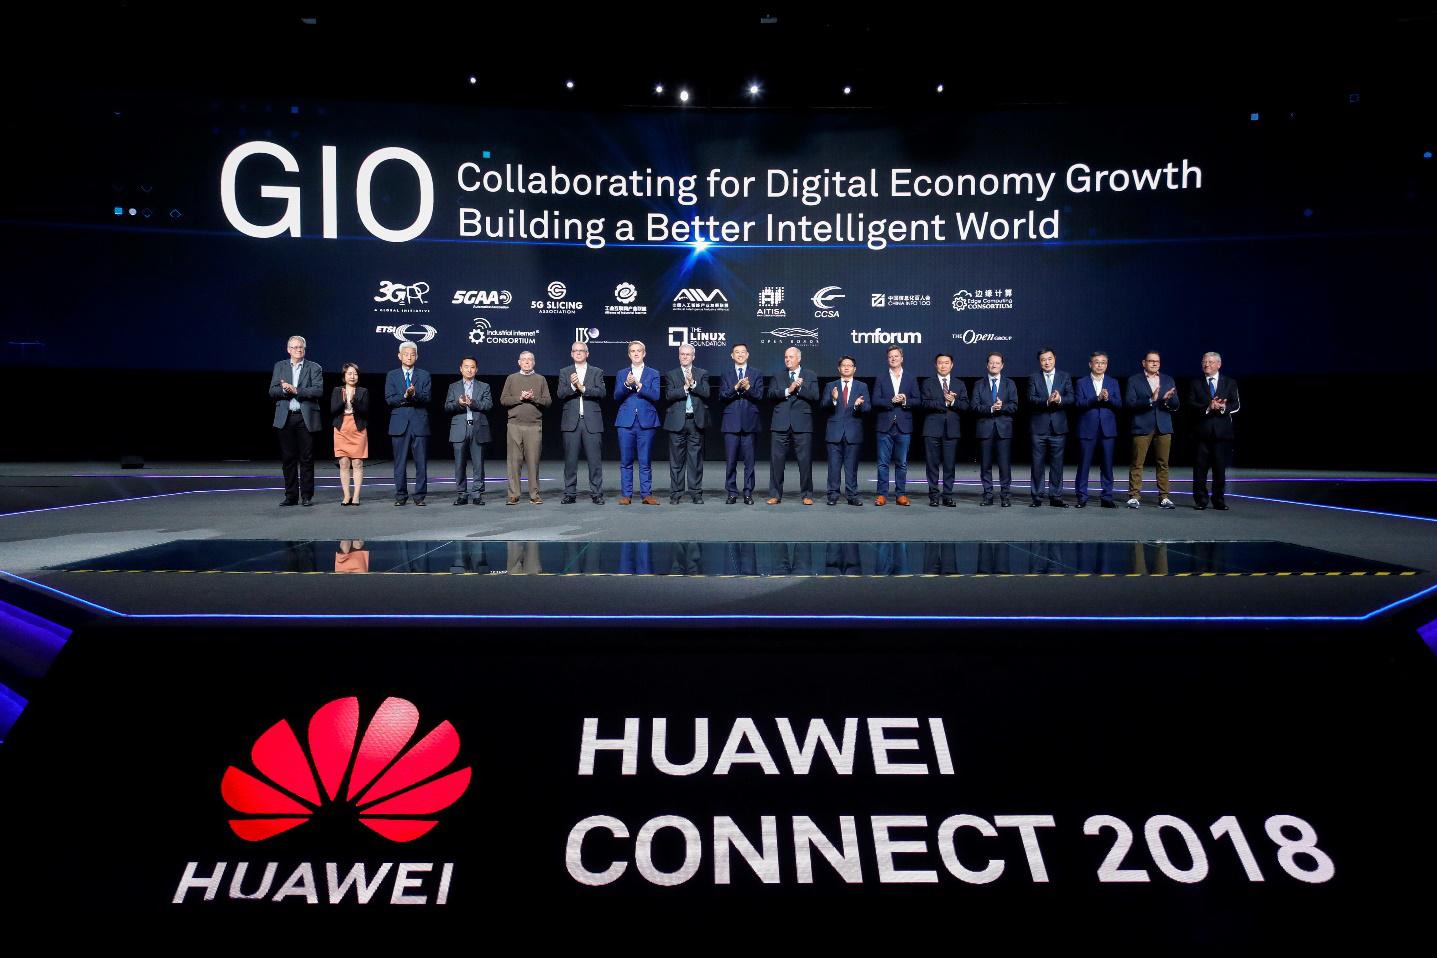 华为召开全球行业组织高峰会议 发布全球产业合作计划